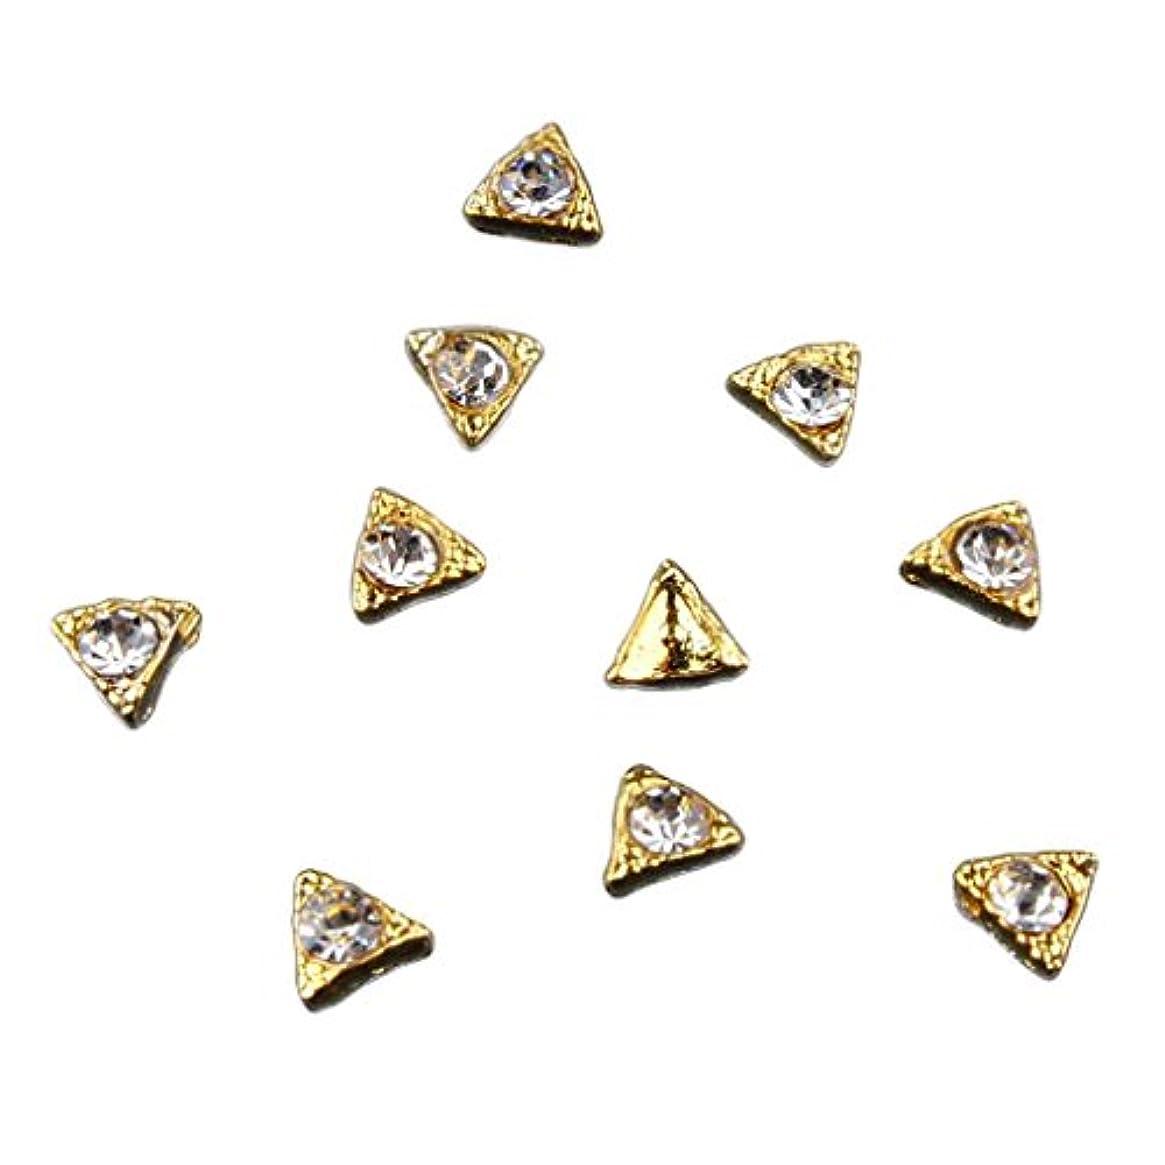 確認マネージャーメニュー50個入り ネイル ネイルデザイン ダイヤモンド 3Dネイルアート ヒントステッカー デコレーション - 7